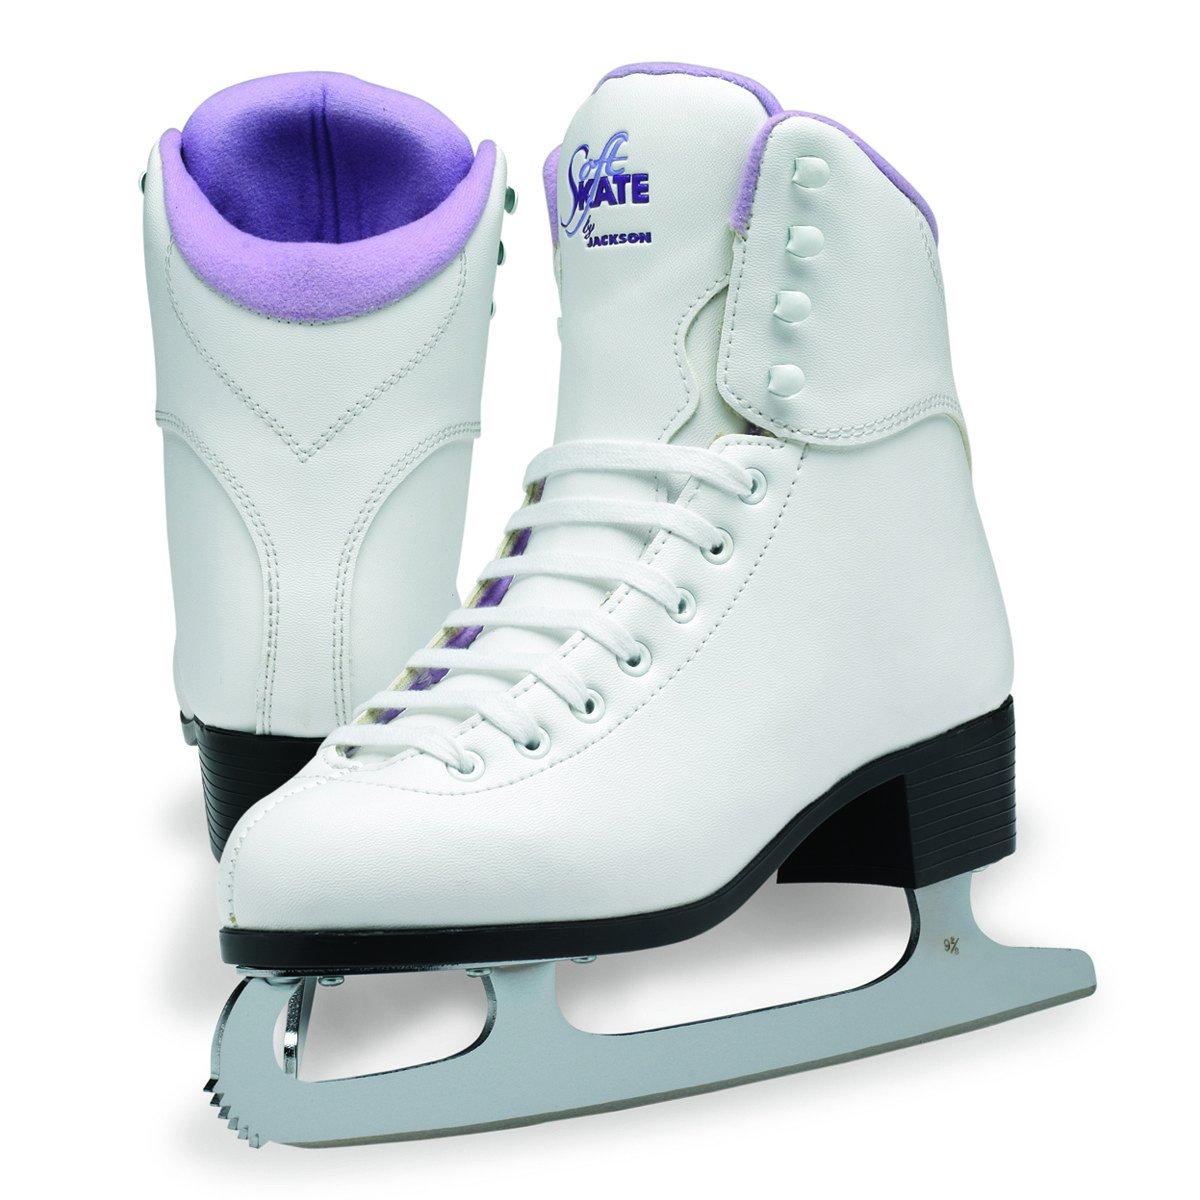 Amazon : Jackson Ultima Glacier Gs184 Kids : Ice Skates Toddler :  Sports & Outdoors